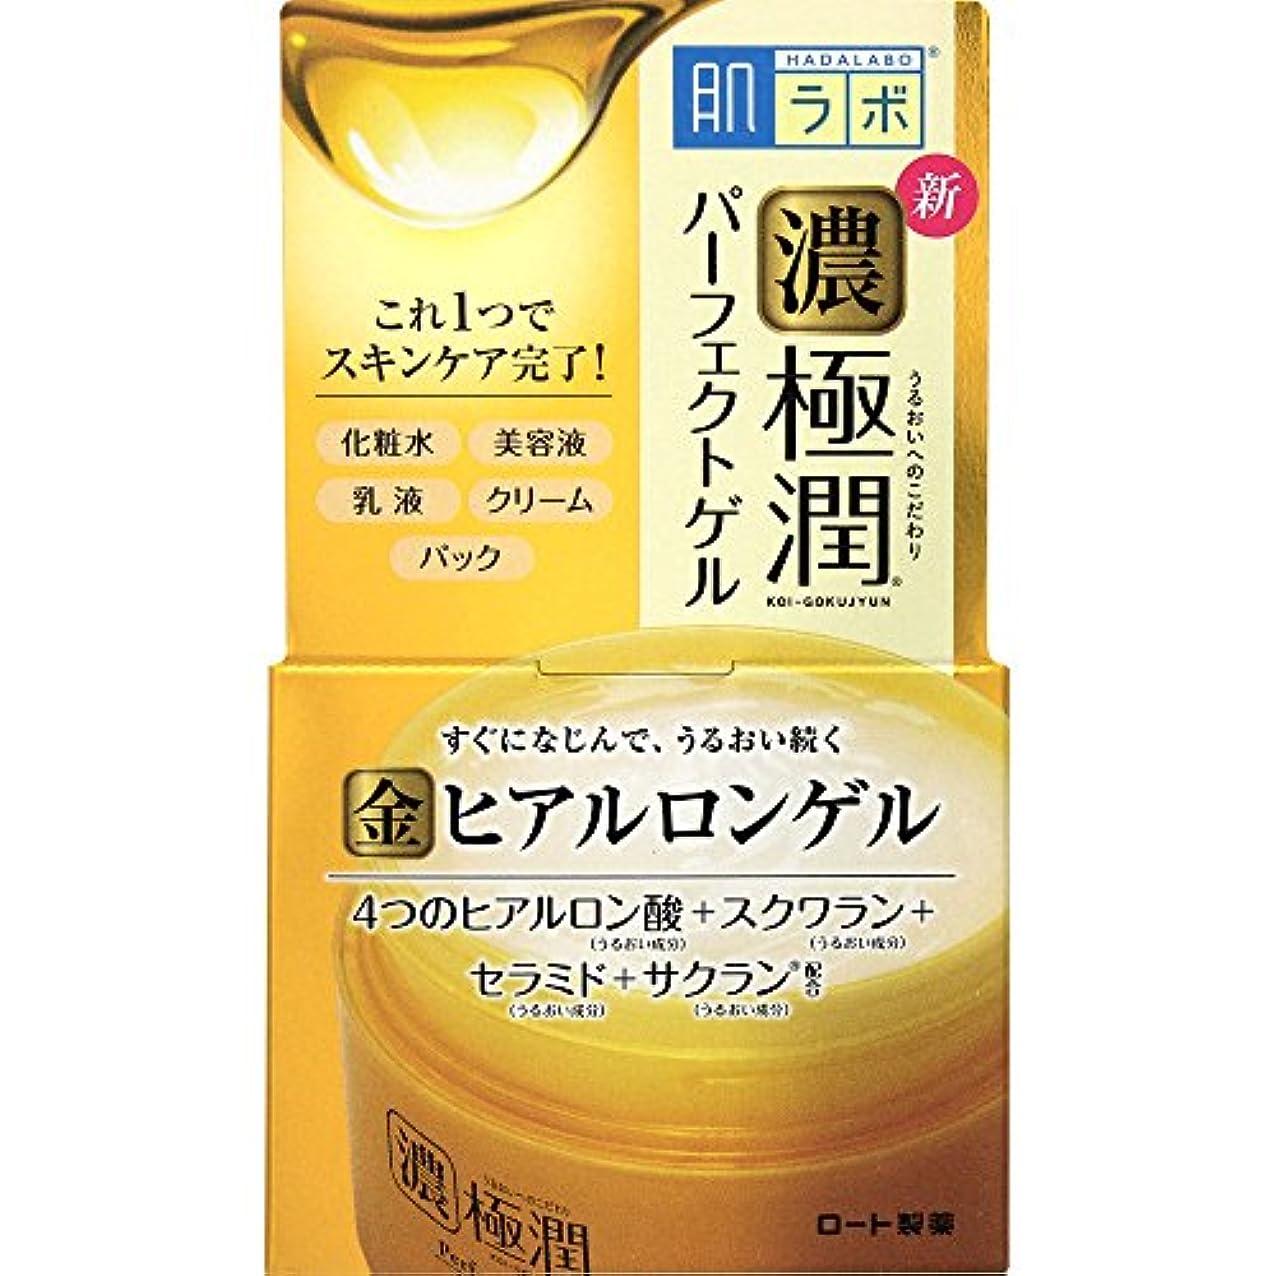 バッグ重量ケージ肌ラボ 濃い極潤 オールインワン パーフェクトゲル ヒアルロン酸×スクワラン×セラミド×サクラン配合 100g